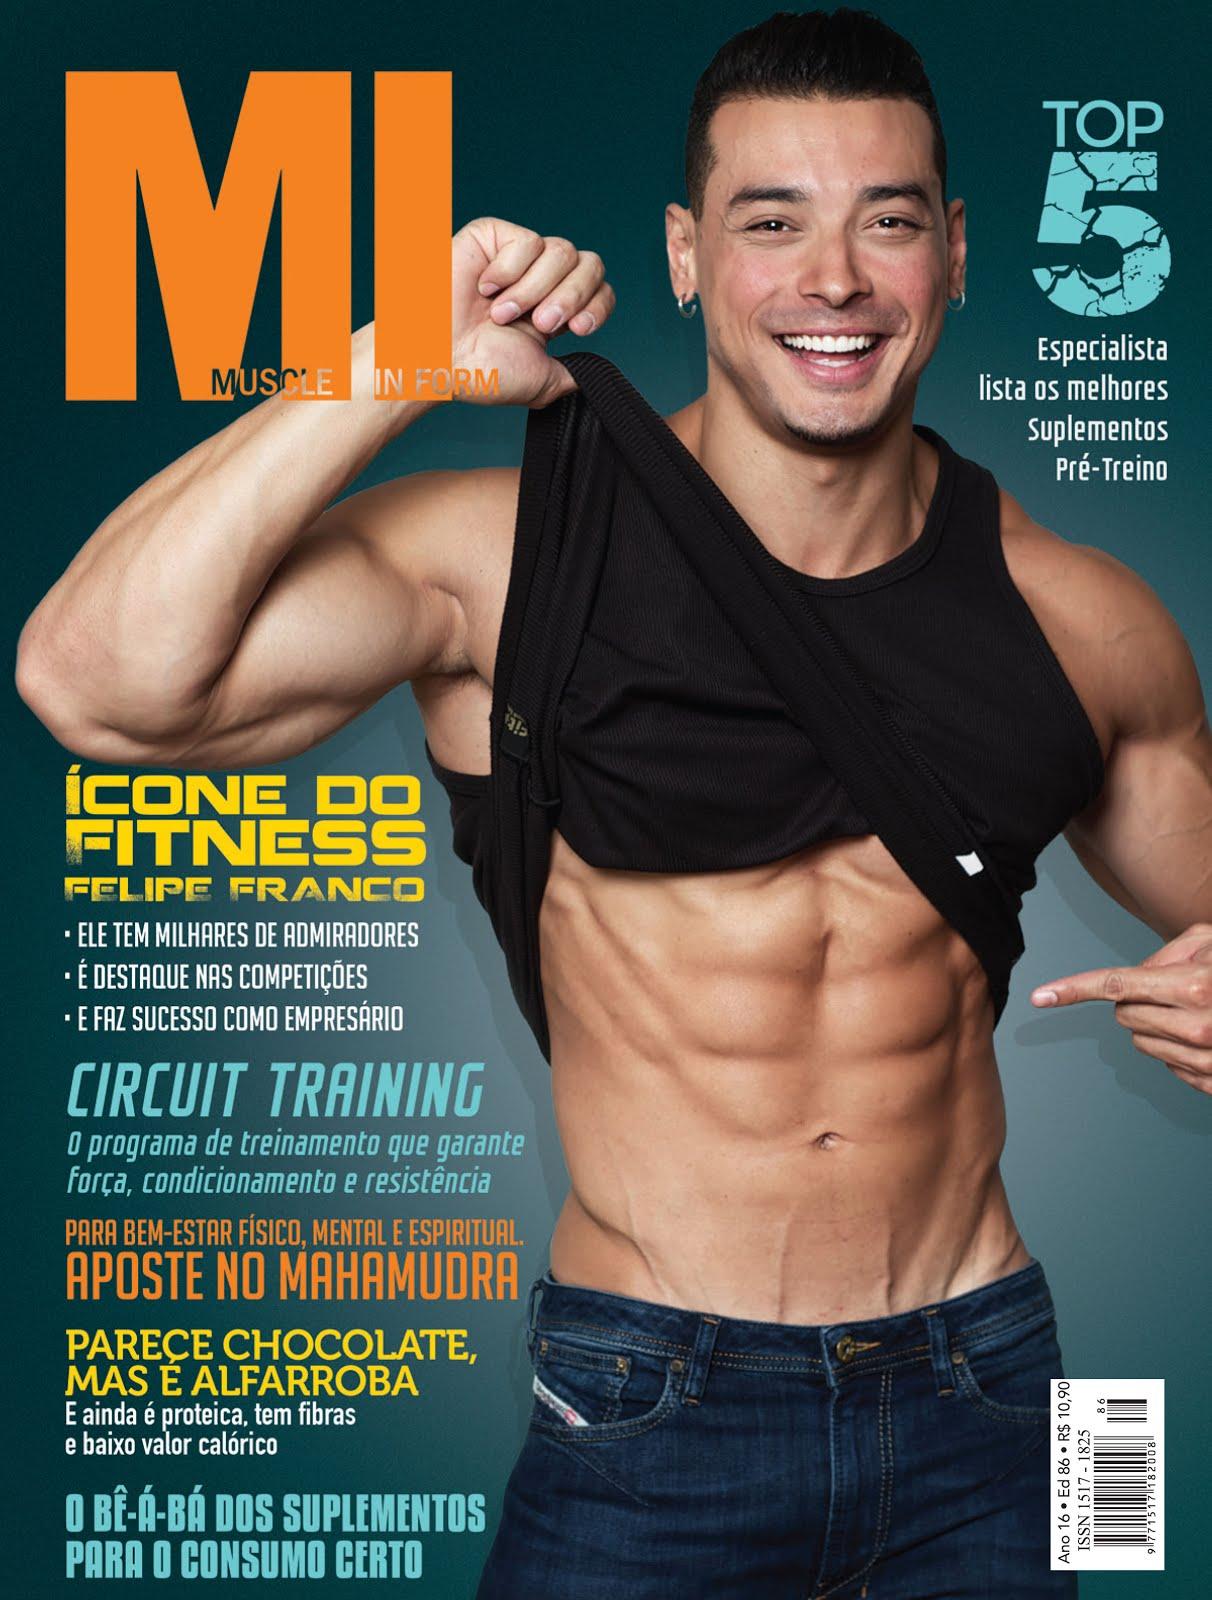 ASSINE A MI: assine@revistamuscleinform.com.br